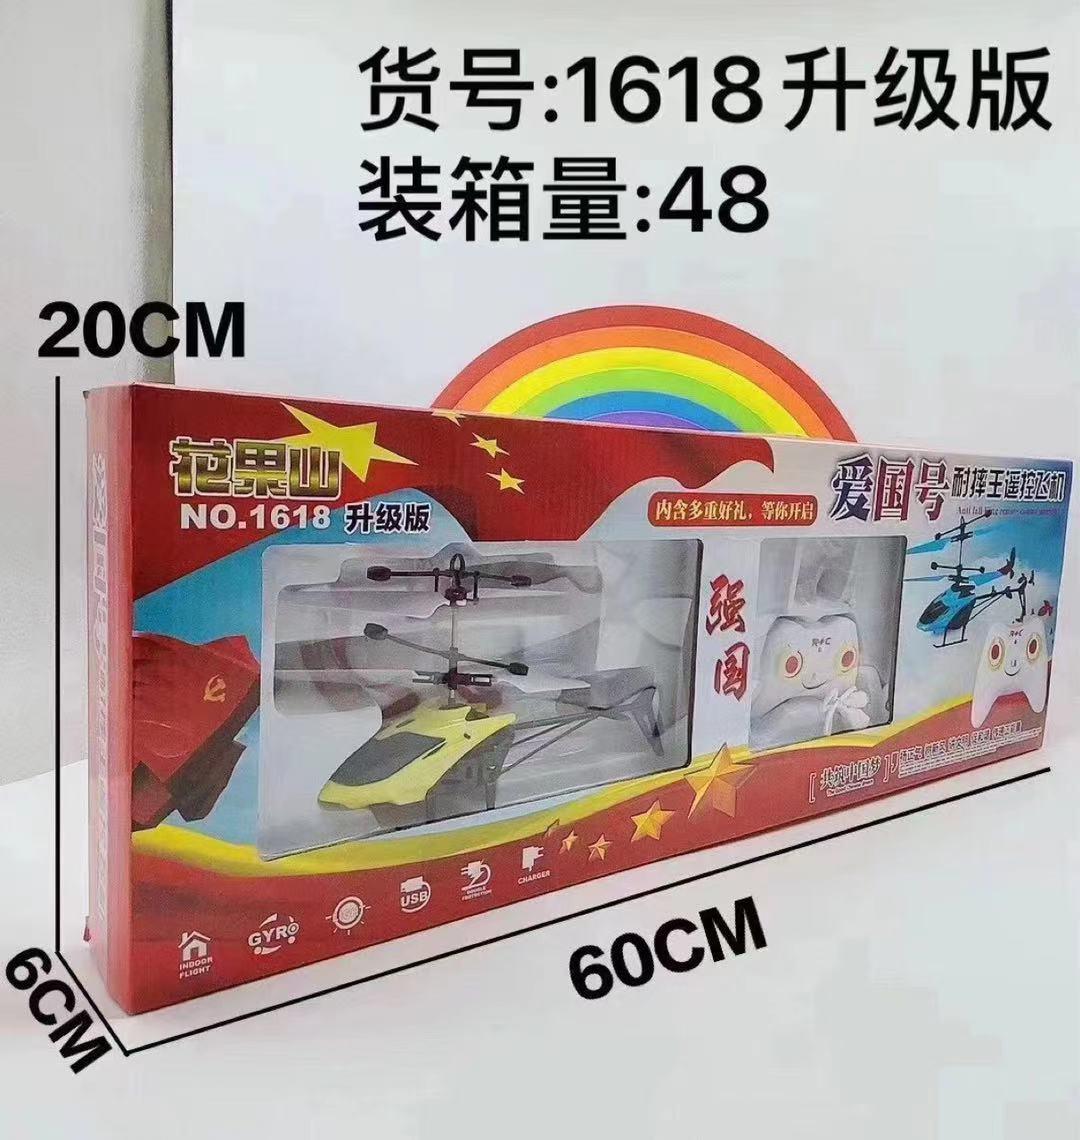 1618升级版新型感应遥控直升机USB充电可感应